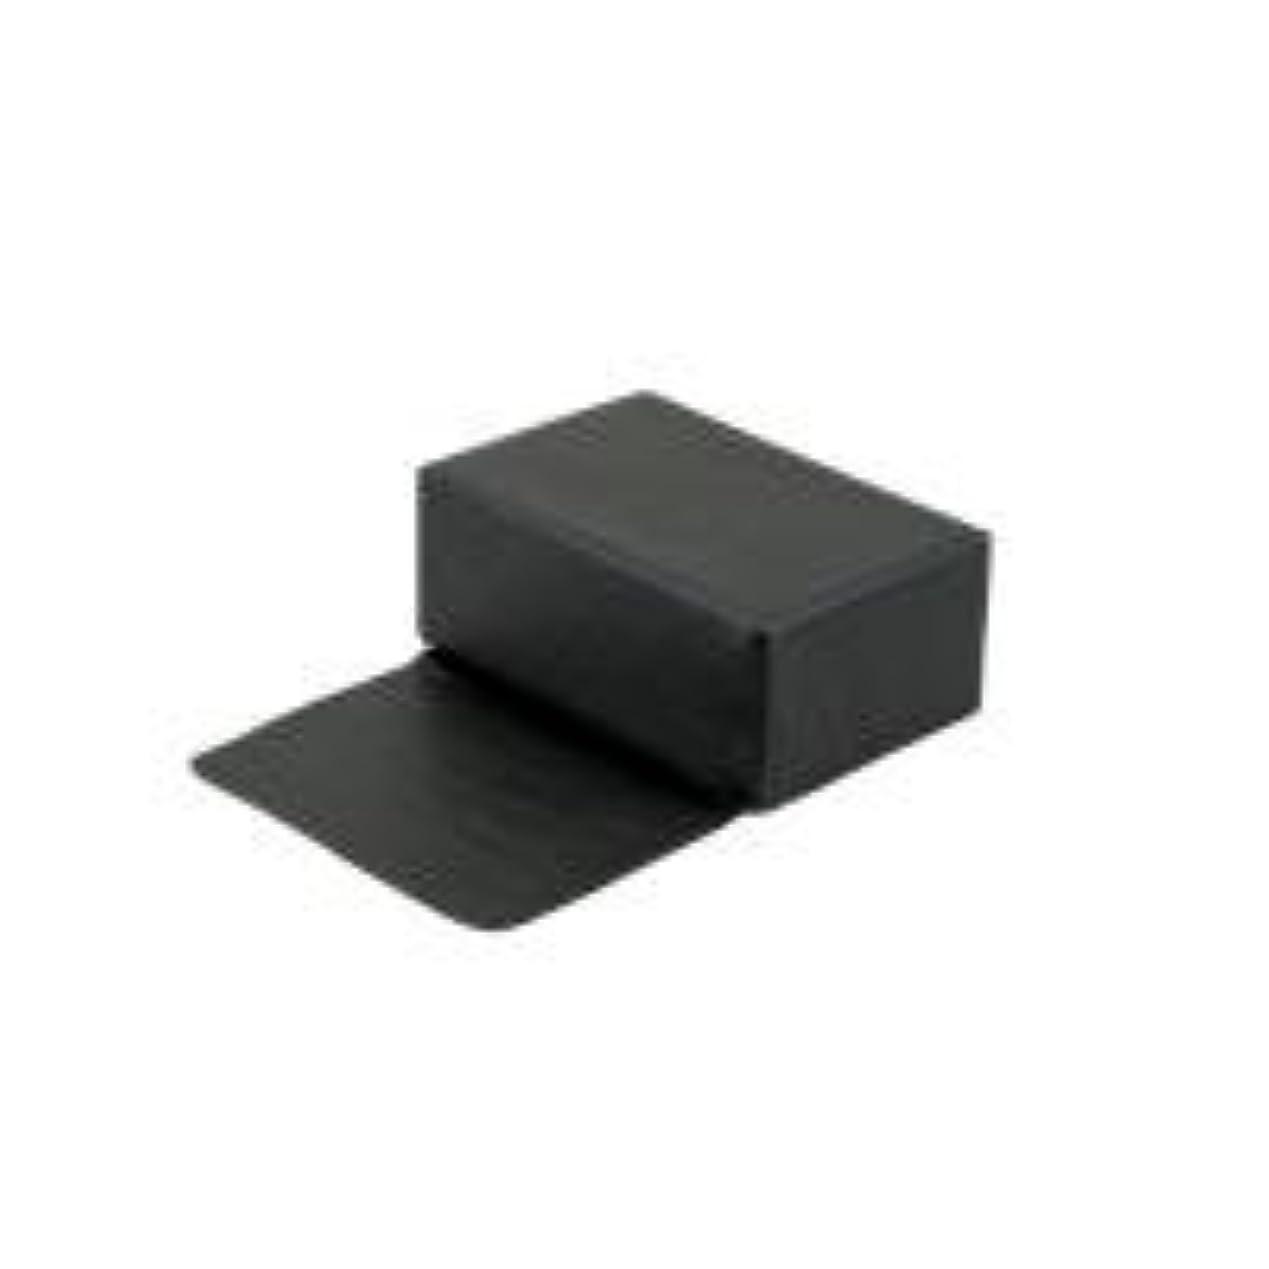 ドリル定義するフラップ子供補助イス(マット付き) ブラック65140